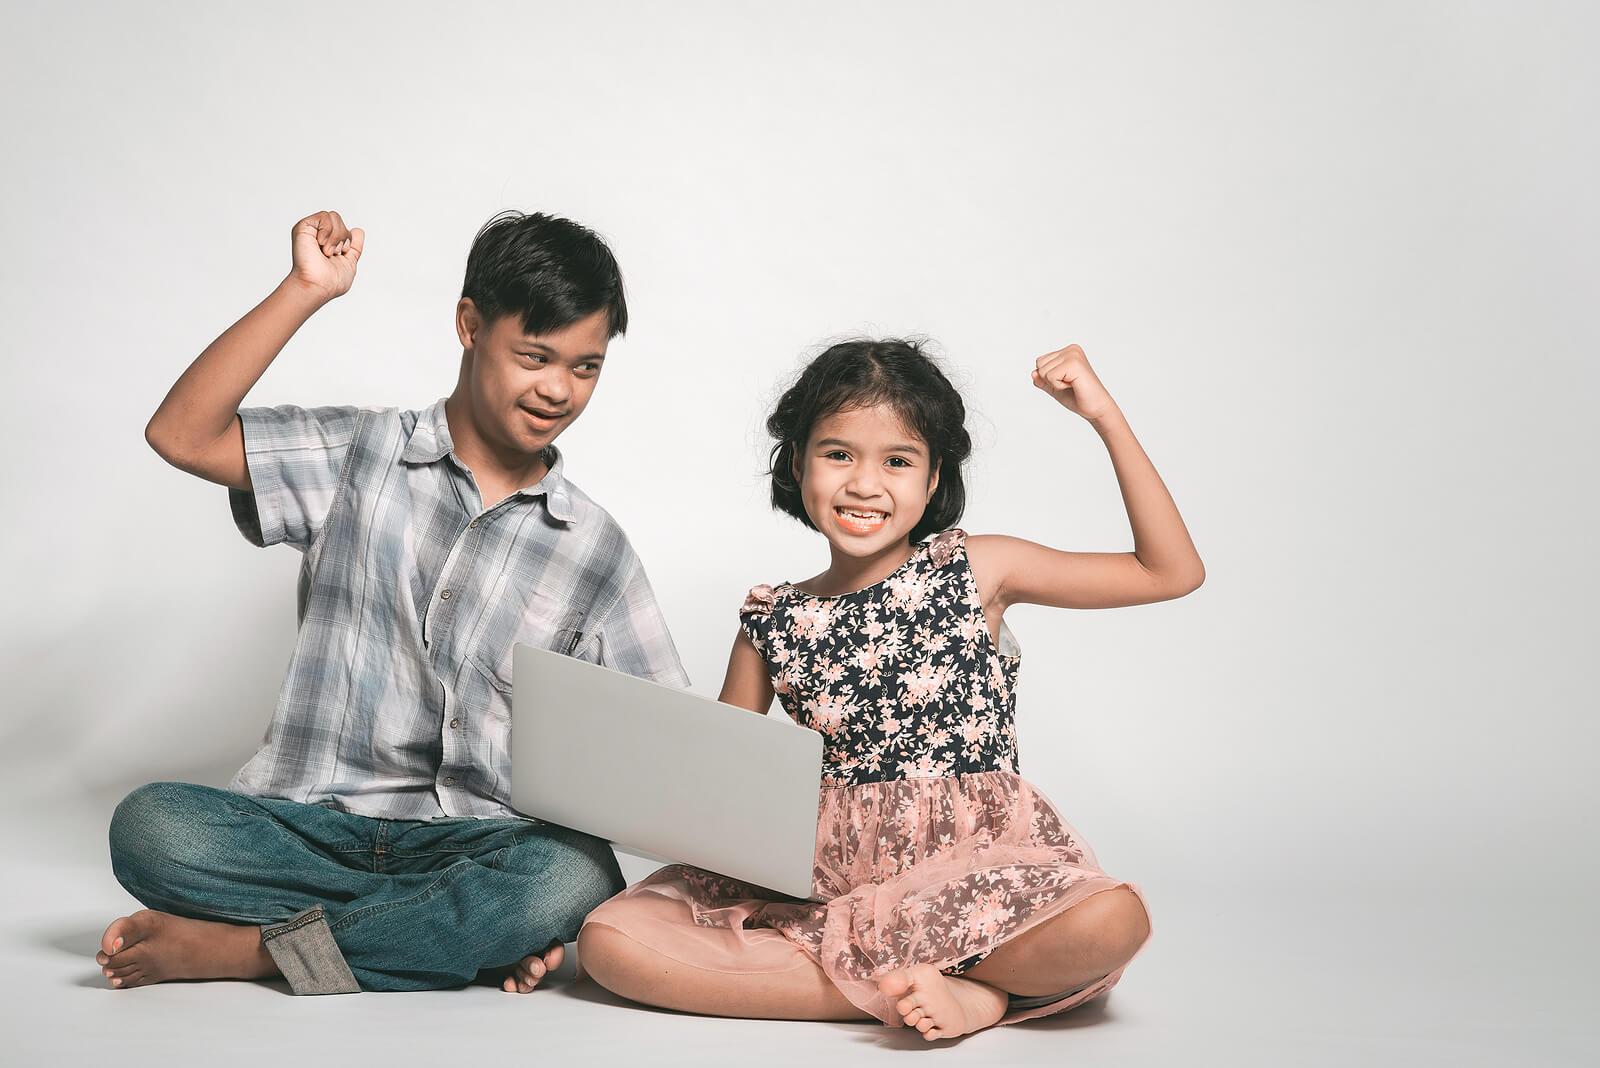 Niños con síndrome de Pitt-Hopkins con fortaleza.